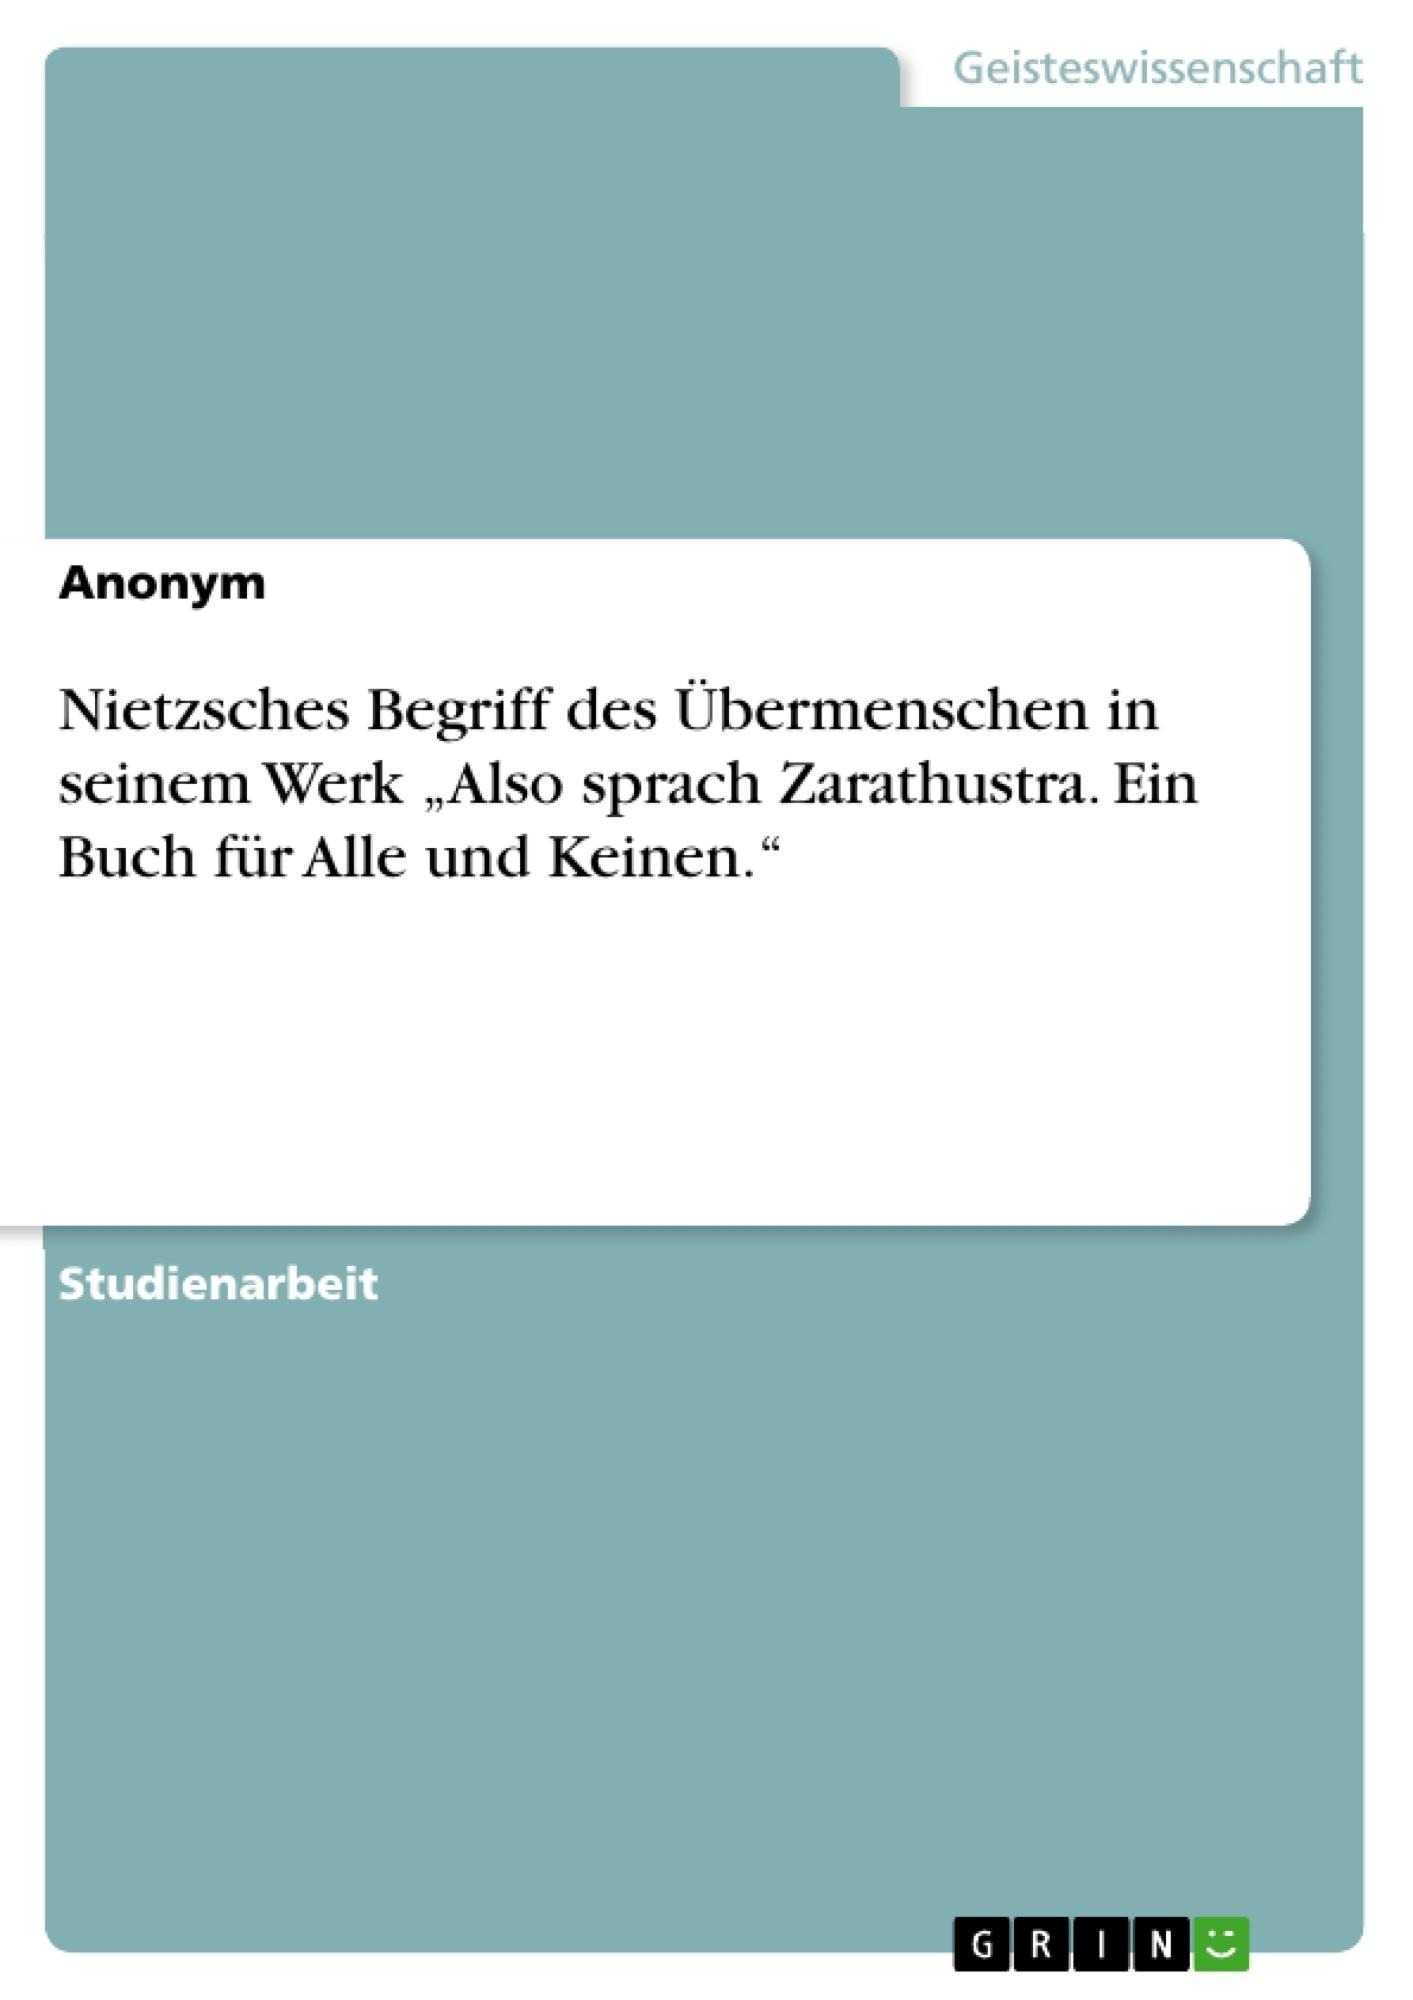 """Titel: Nietzsches Begriff des Übermenschen in seinem Werk  """"Also sprach Zarathustra. Ein Buch für Alle und Keinen."""""""